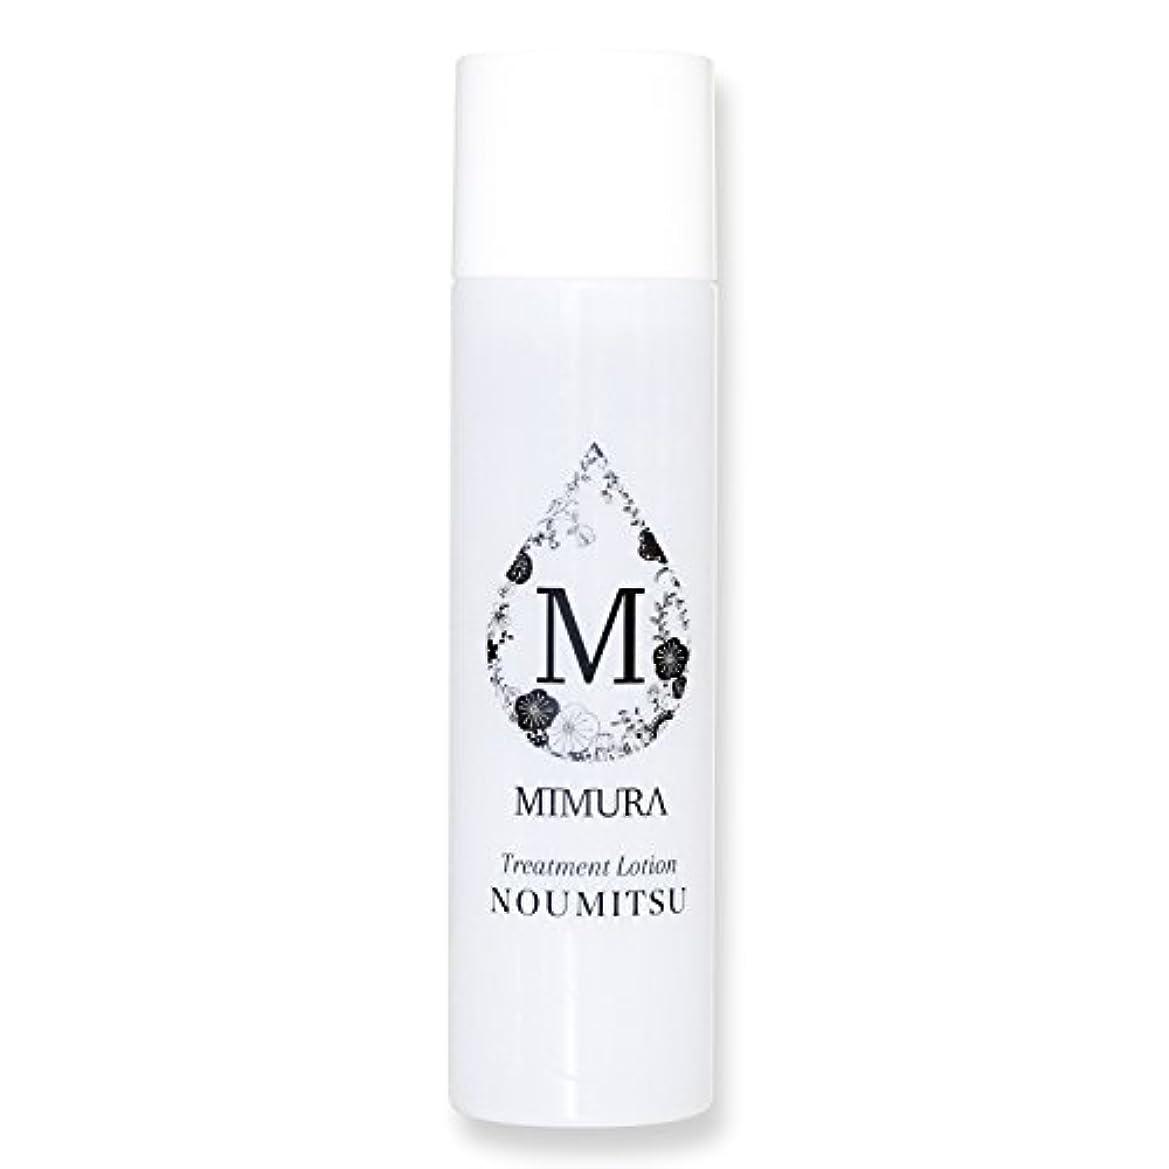 溶融こする知恵ミムラ トリートメントローション NOUMITSU (化粧水) 125mL アスタキサンチン ヒアルロン酸 コラーゲン ローション 日本製 mimura